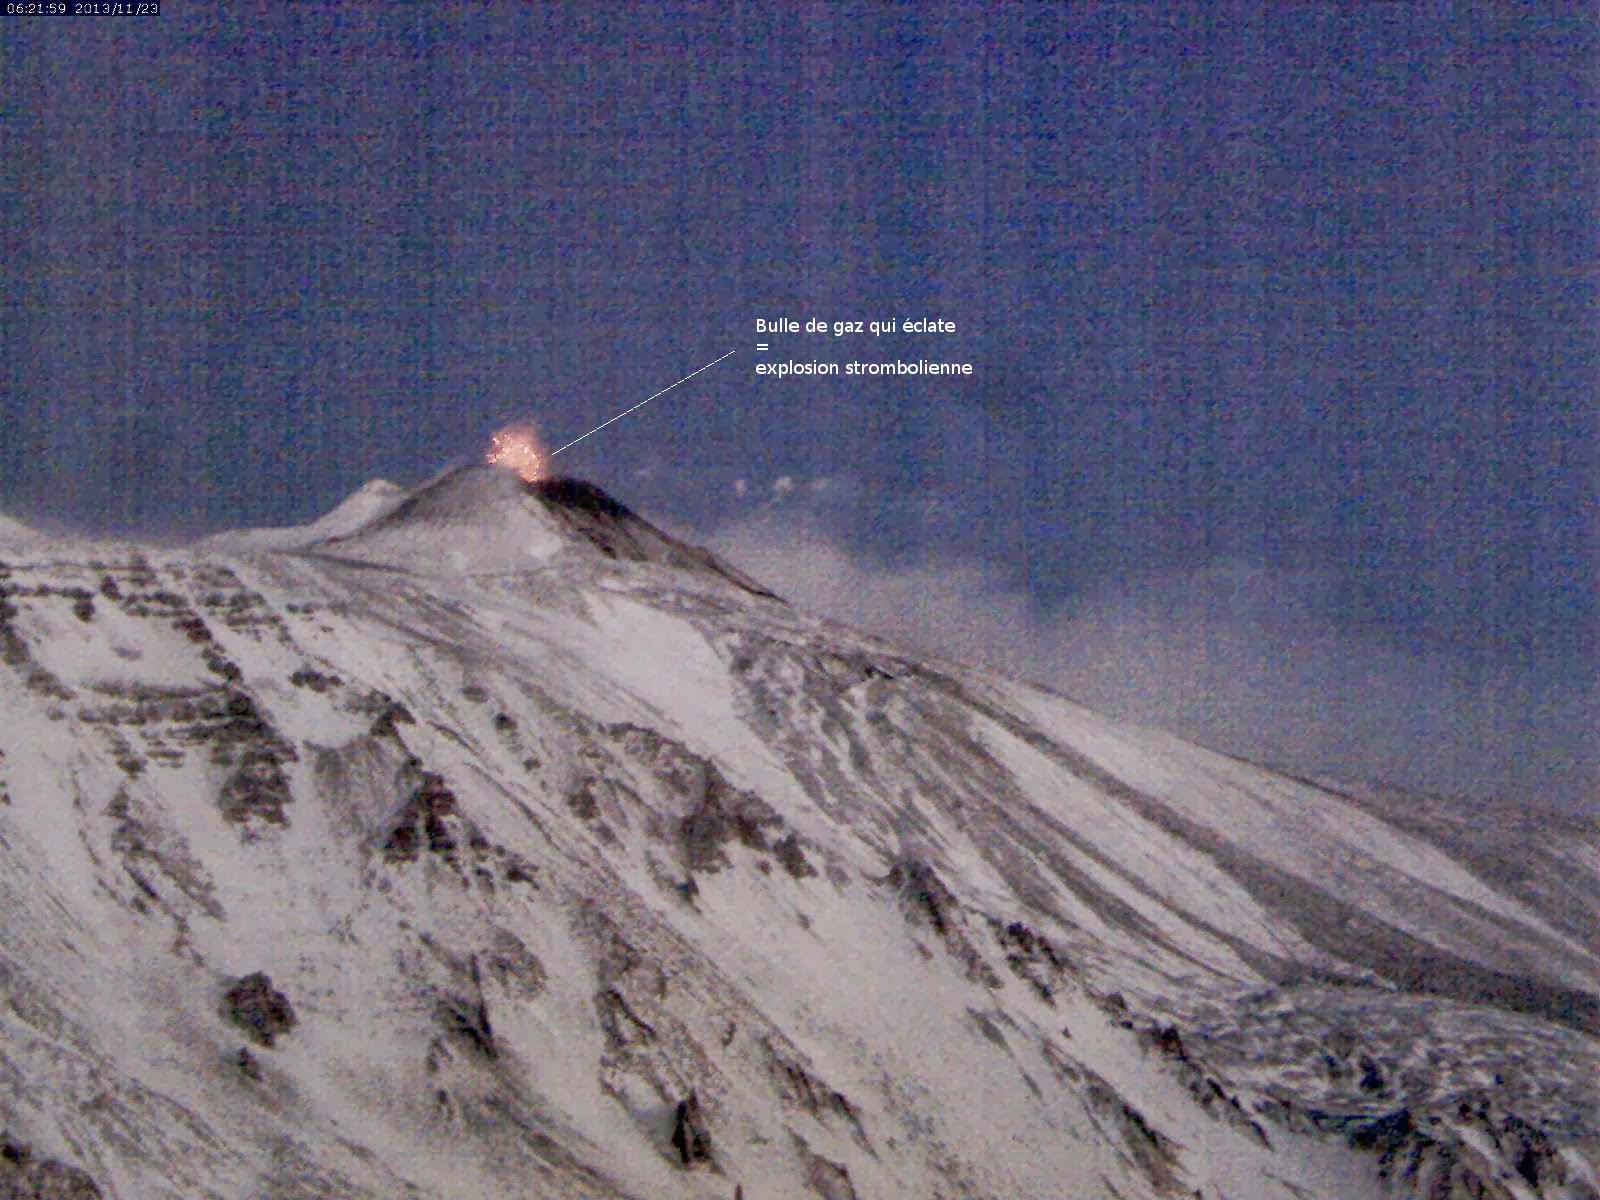 Explosion strombolienne sur le volcan Etna, 23 novembre 2013